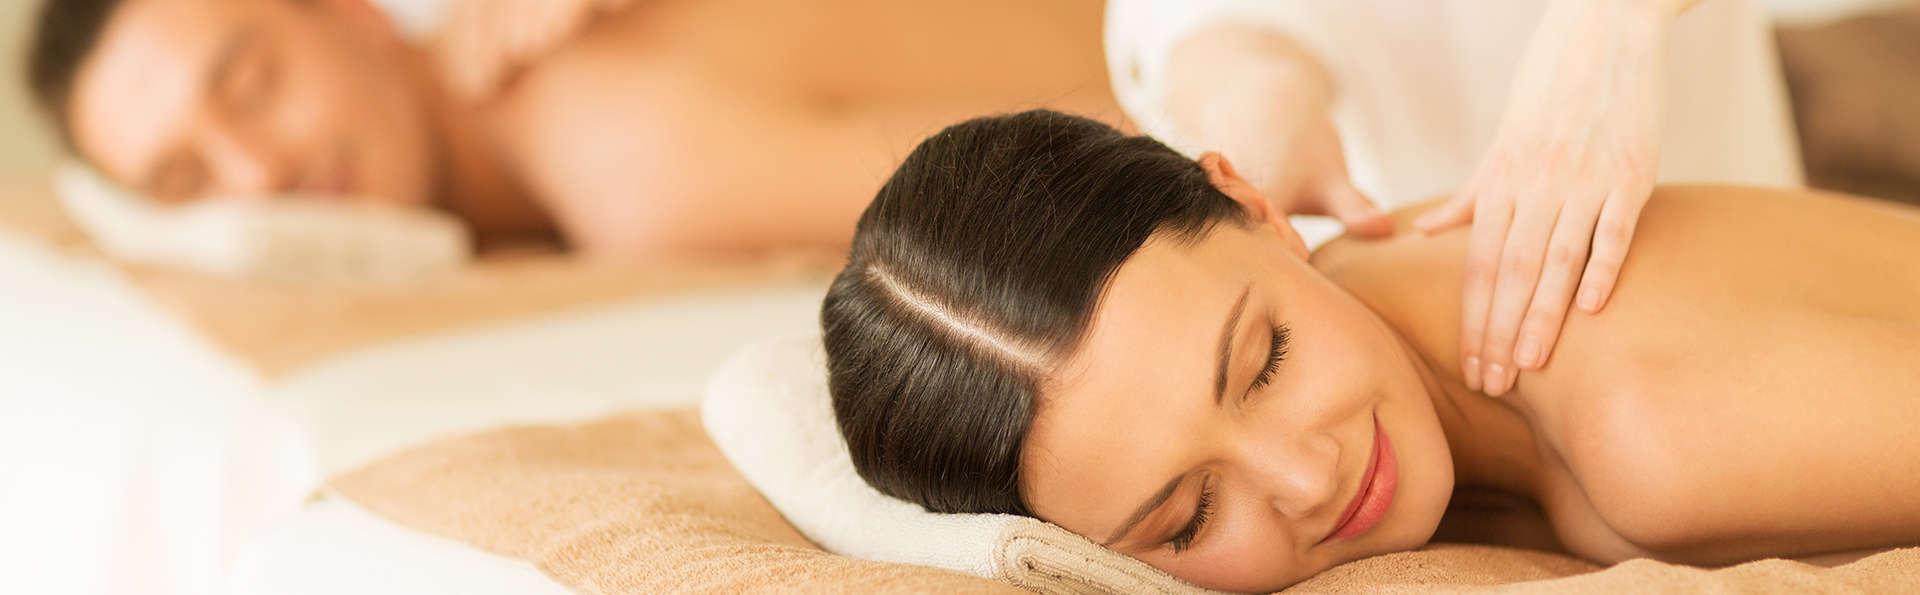 Ontspanning met californian massage in Bergen